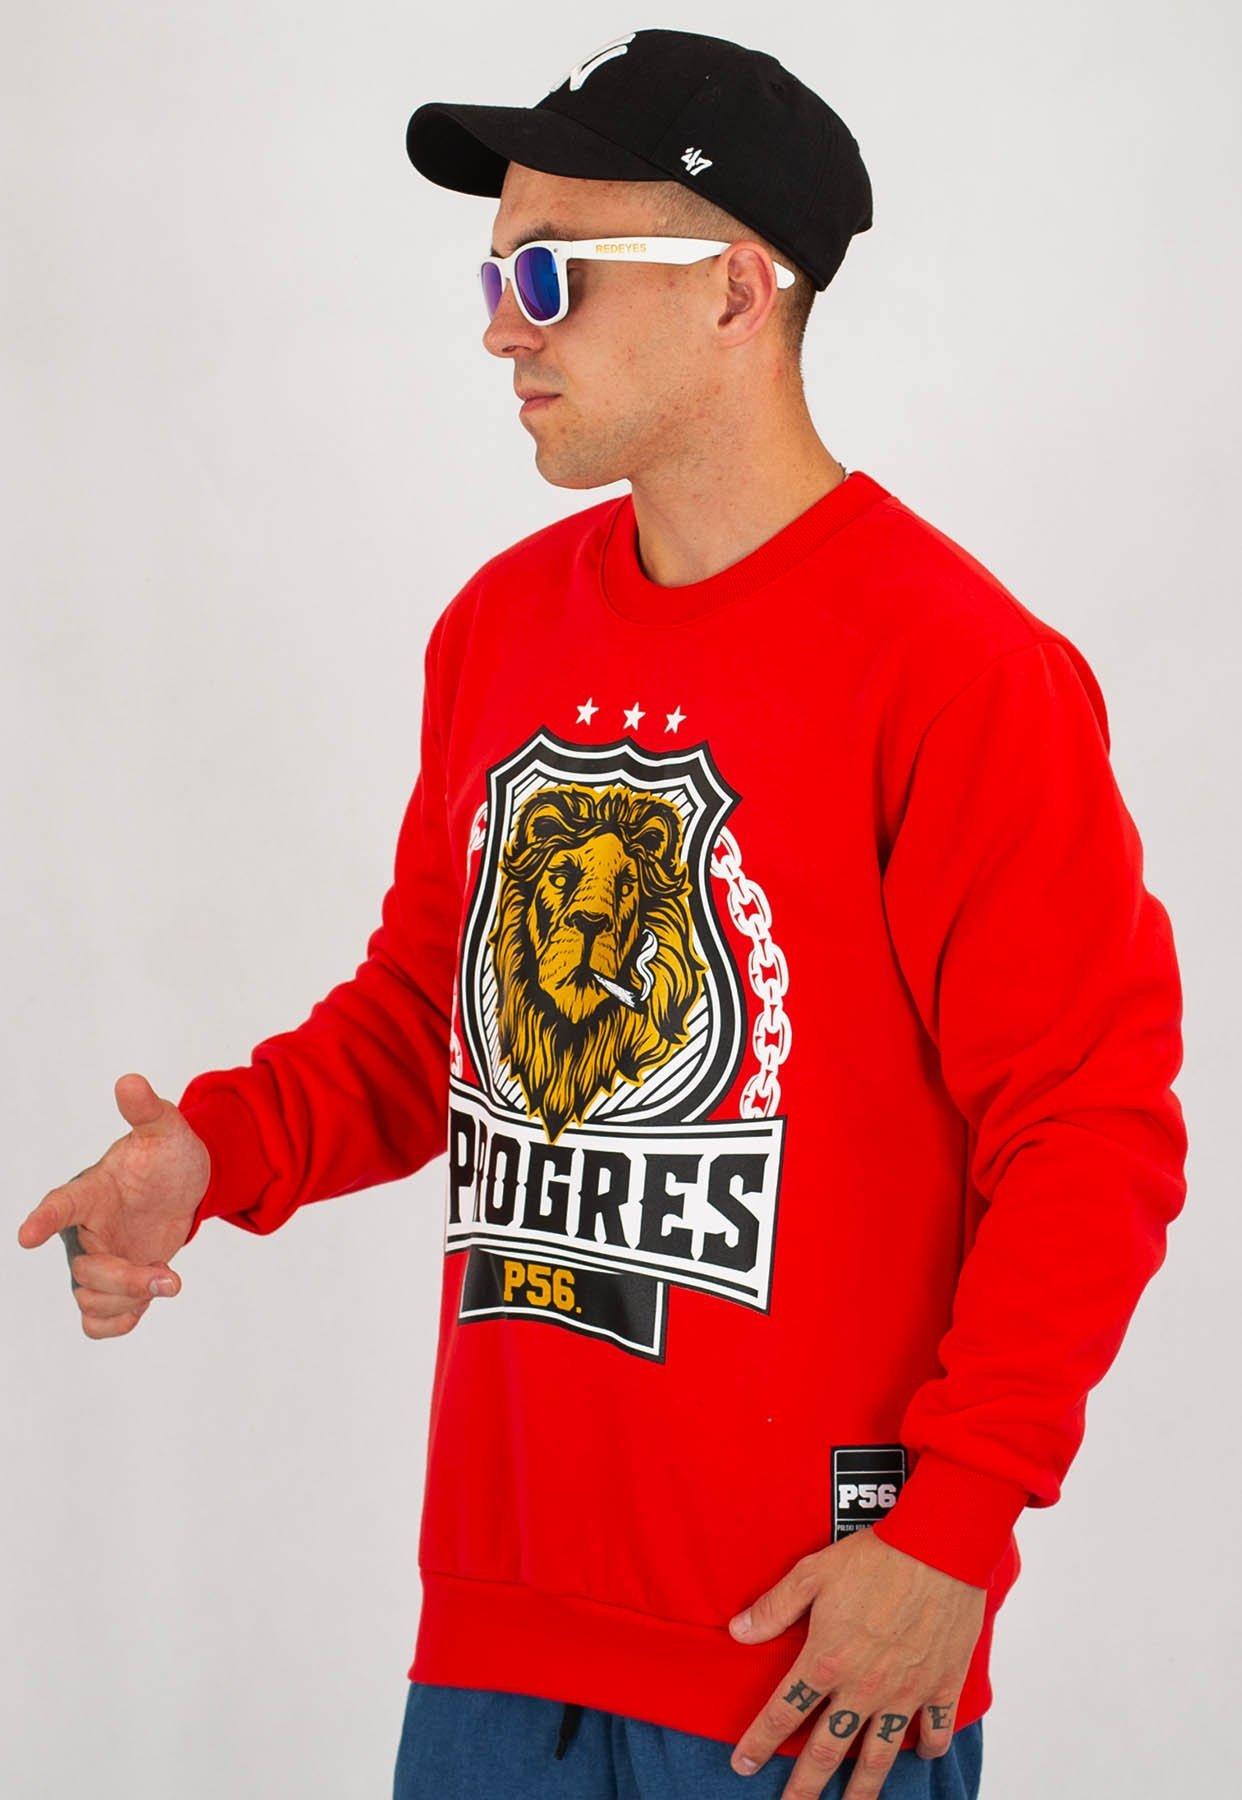 Bluza Dudek P56 Progres Lion czerwona